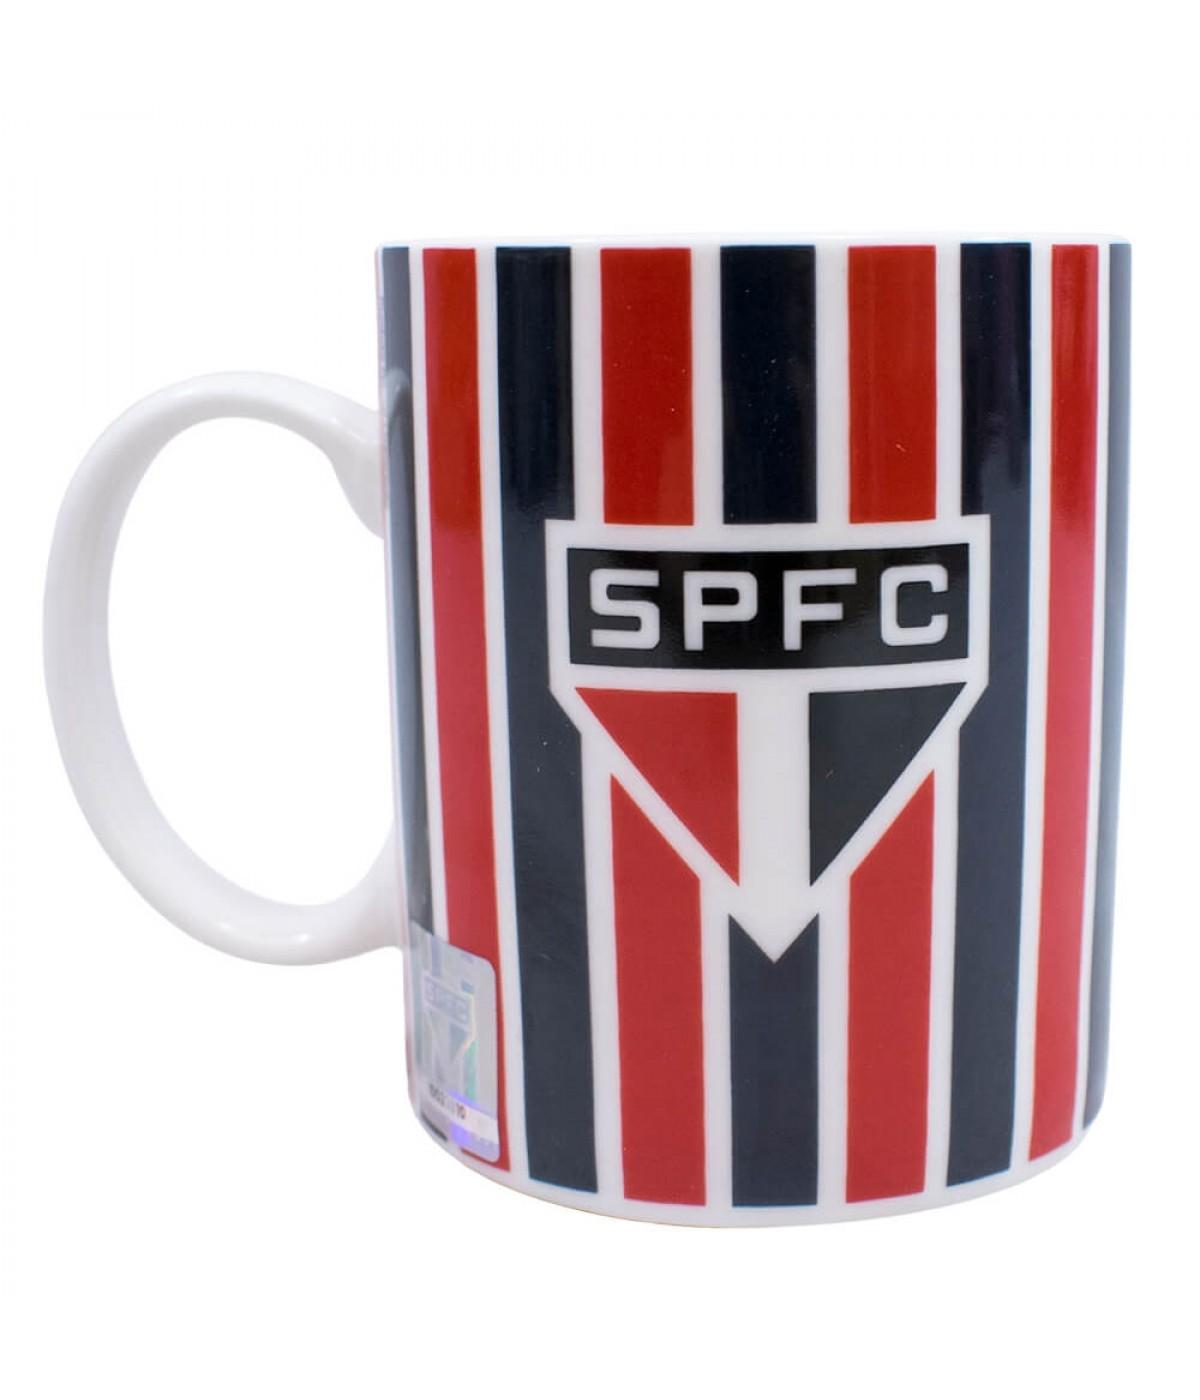 Caneca Porcelana 370ml - SPFC